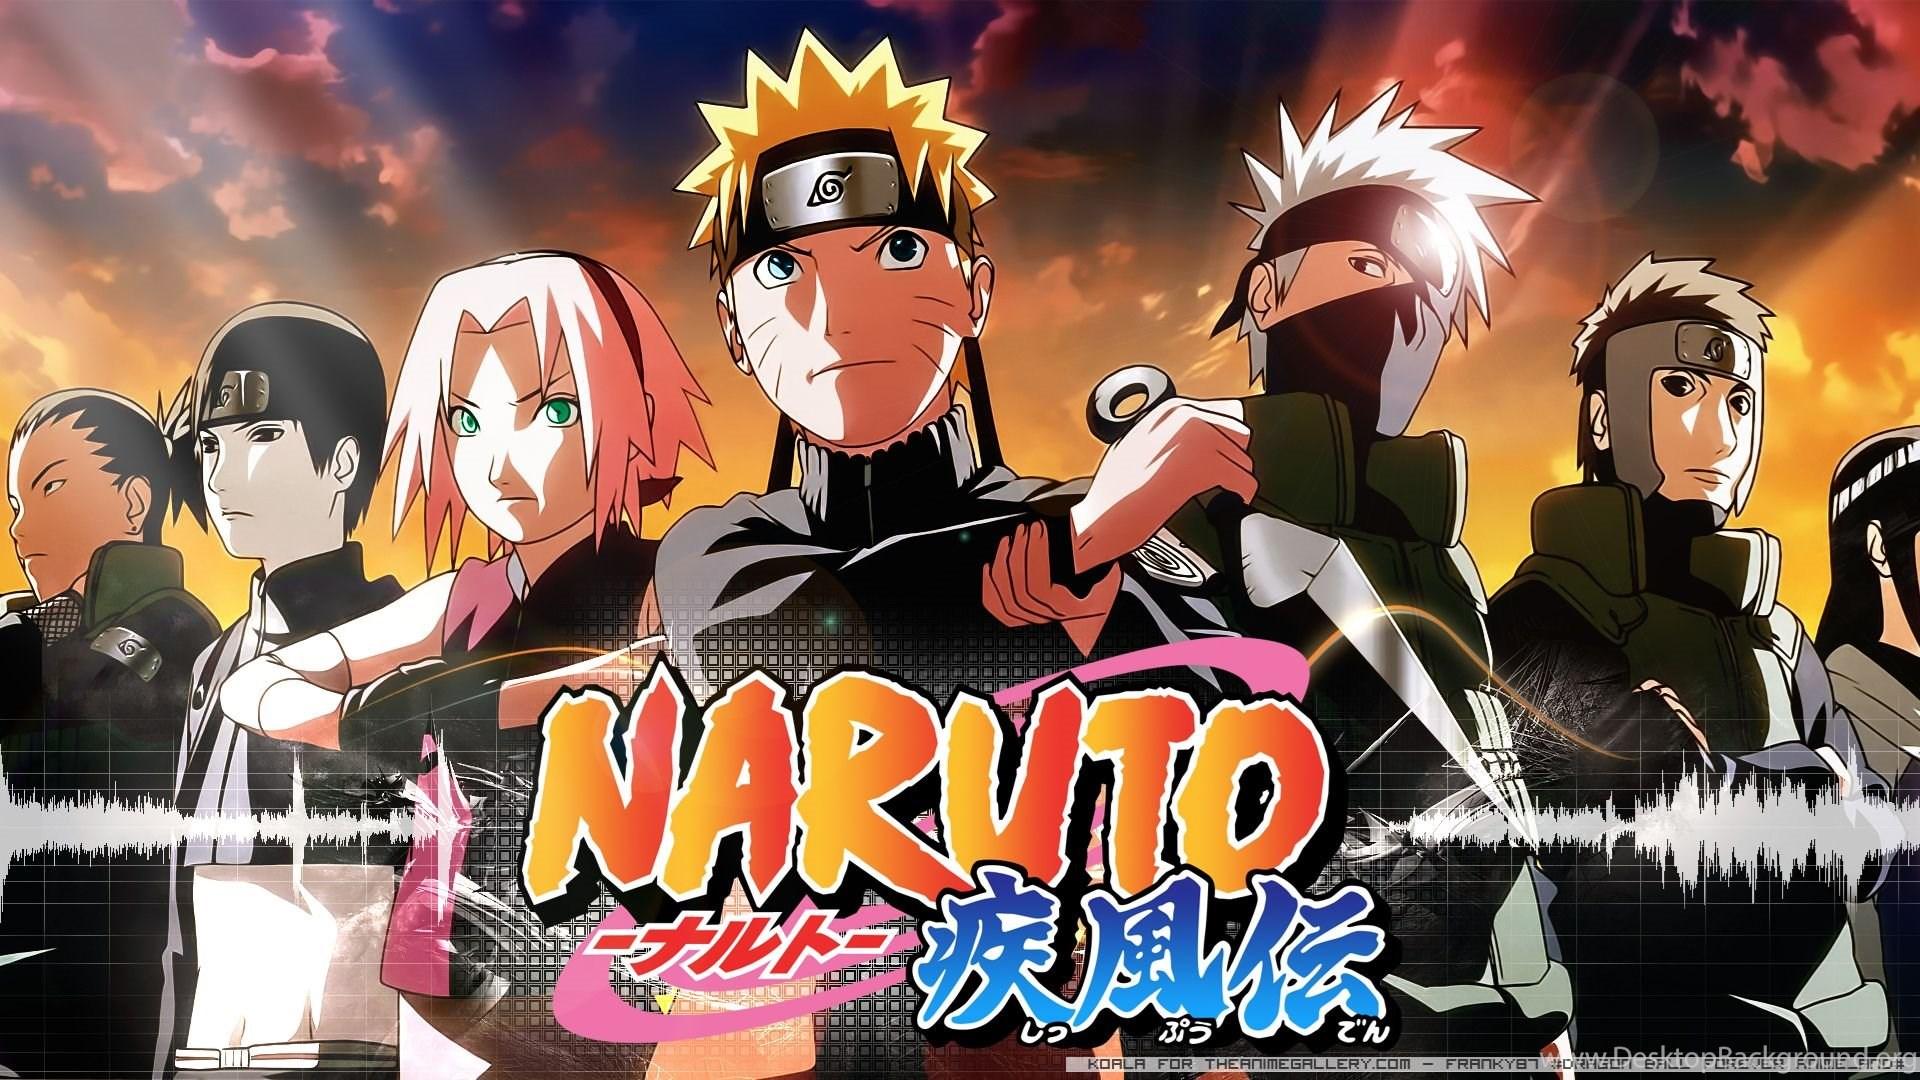 Great Wallpaper Naruto High Resolution - 370857_naruto-shippuden-wallpaper-high-resolution-jpg_1920x1080_h  You Should Have_464195.jpg